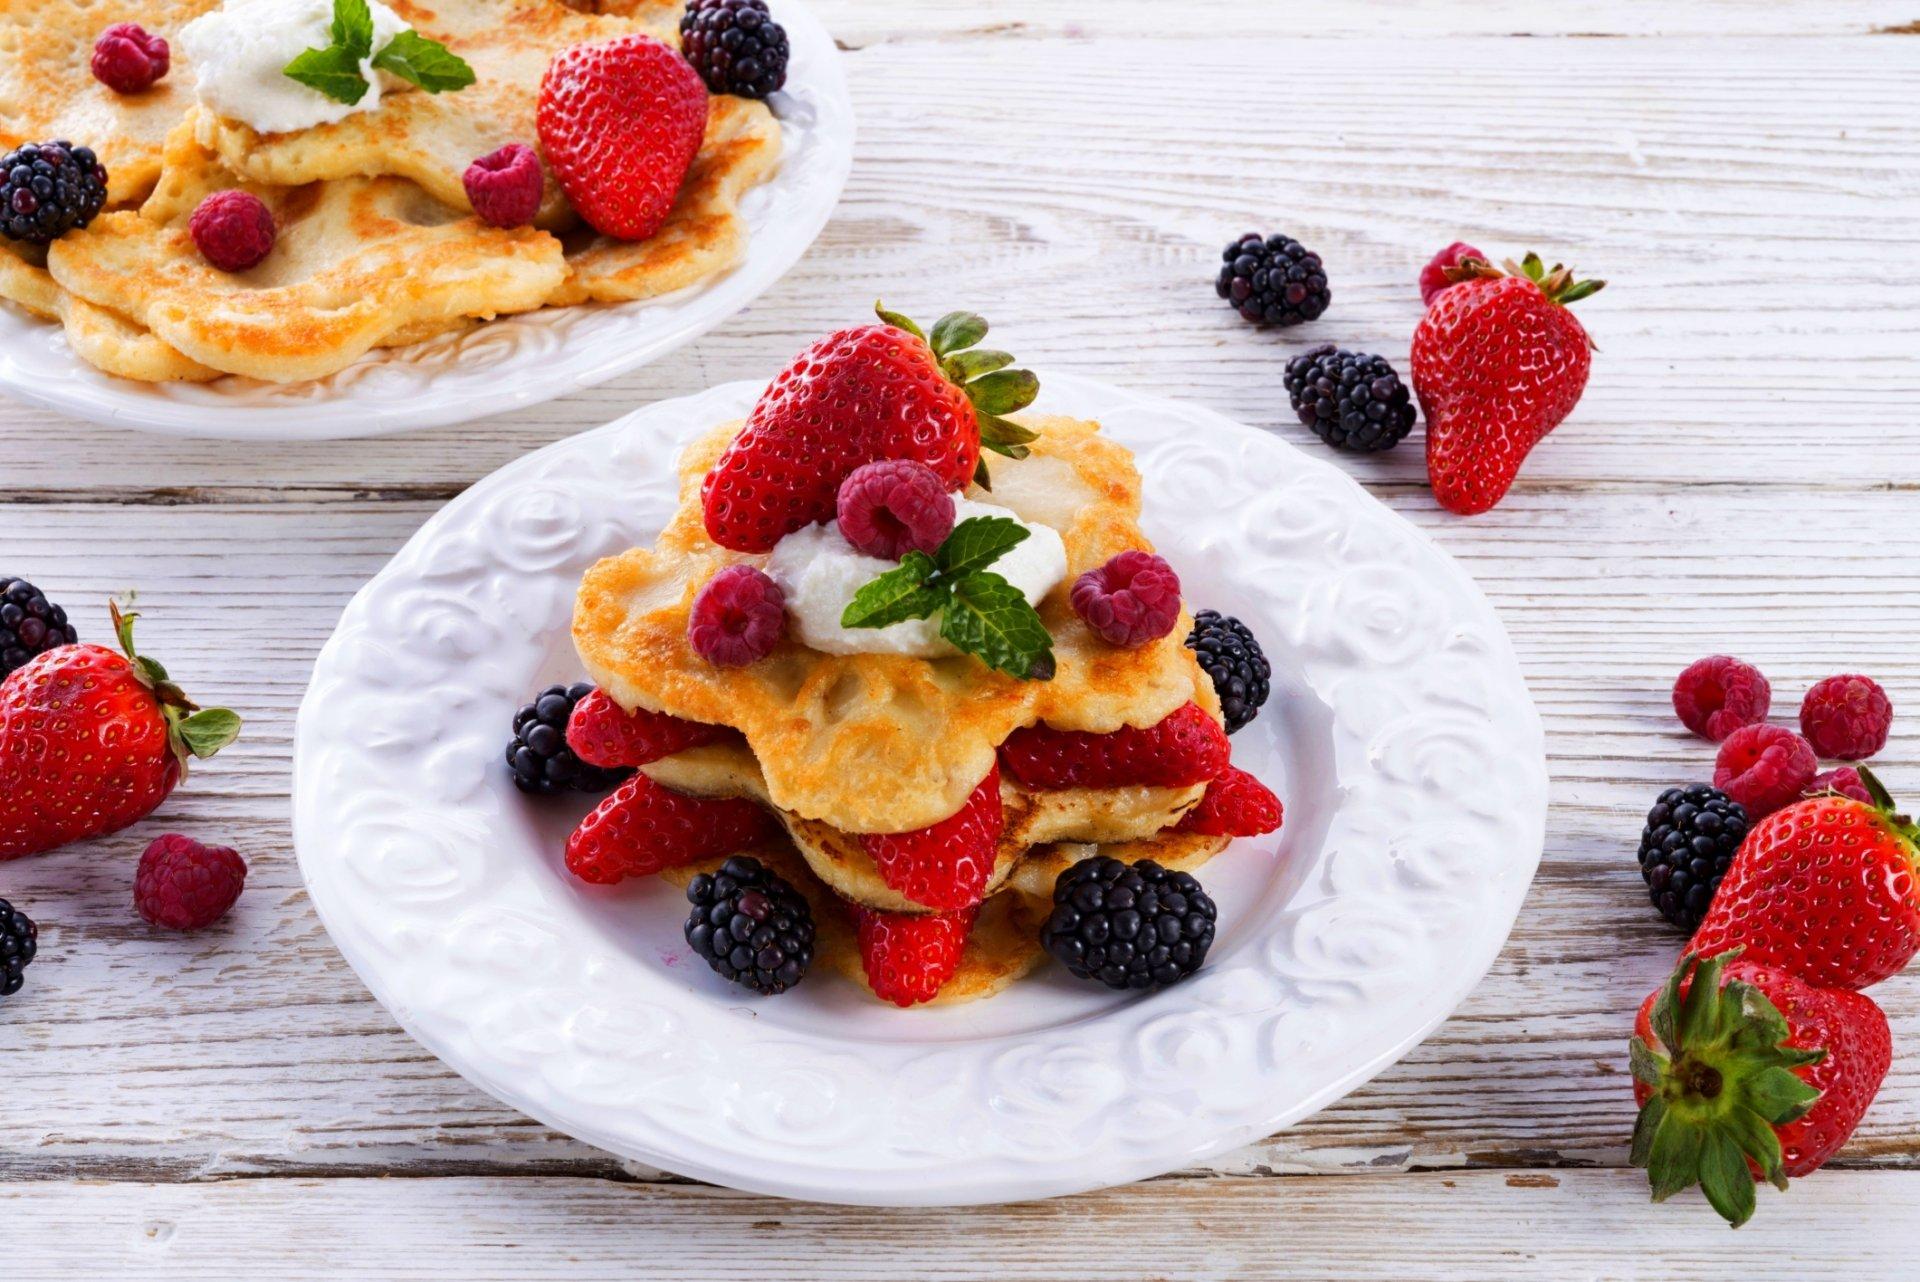 пирожное клубника тарелка десерт  № 3679740 бесплатно